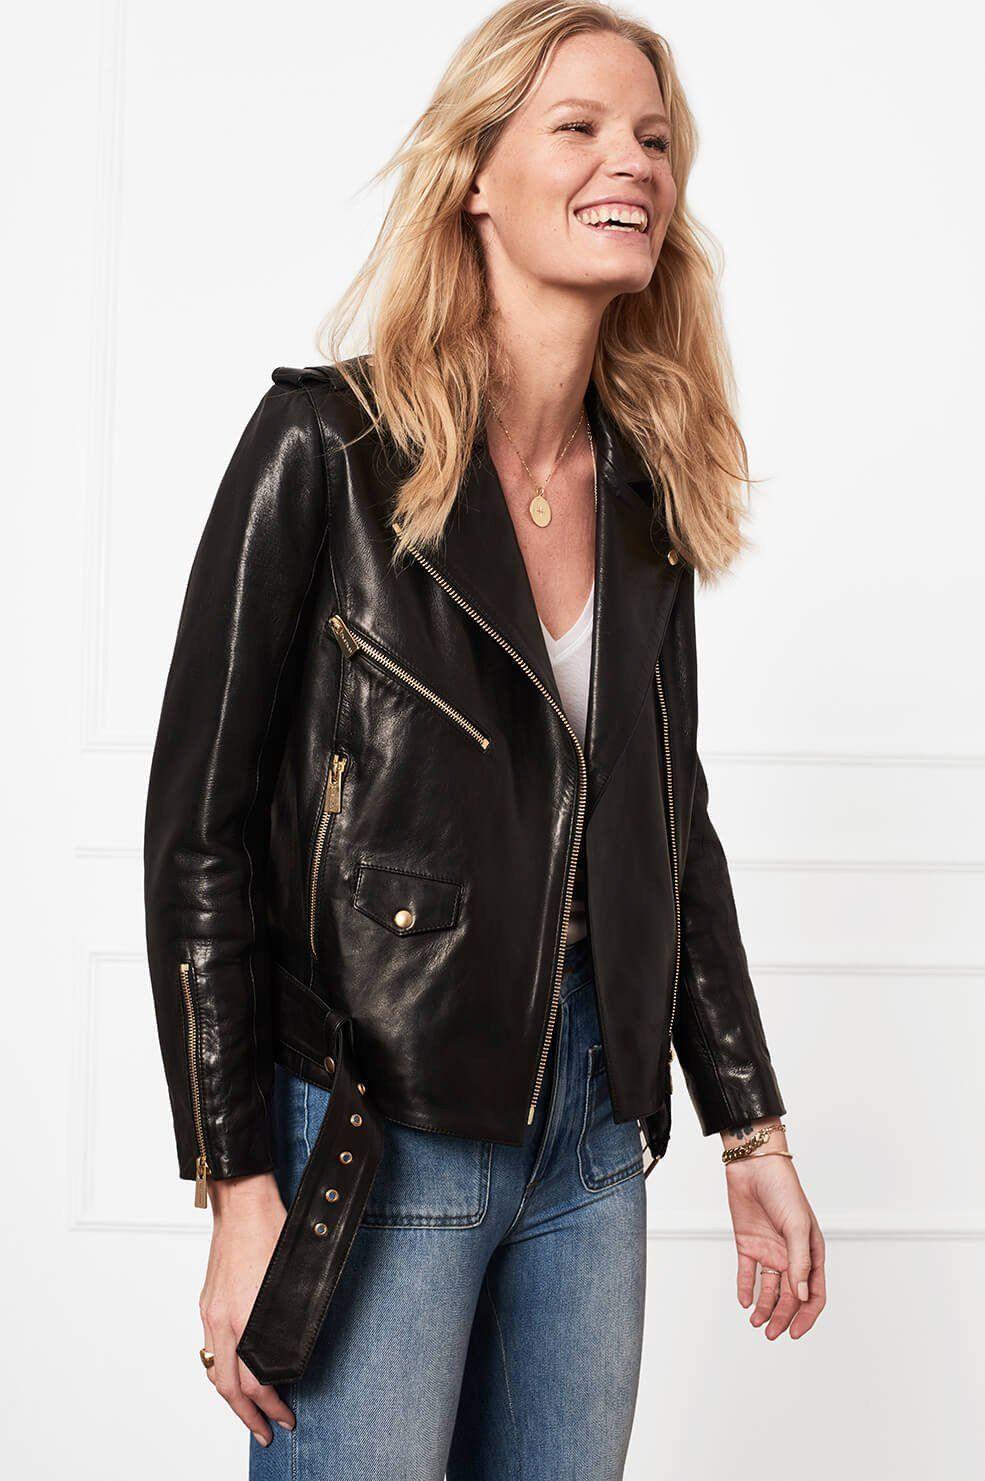 65c079a18 Vintage Leather Jacket   2017 Sunshine in my pocket   Vintage ...